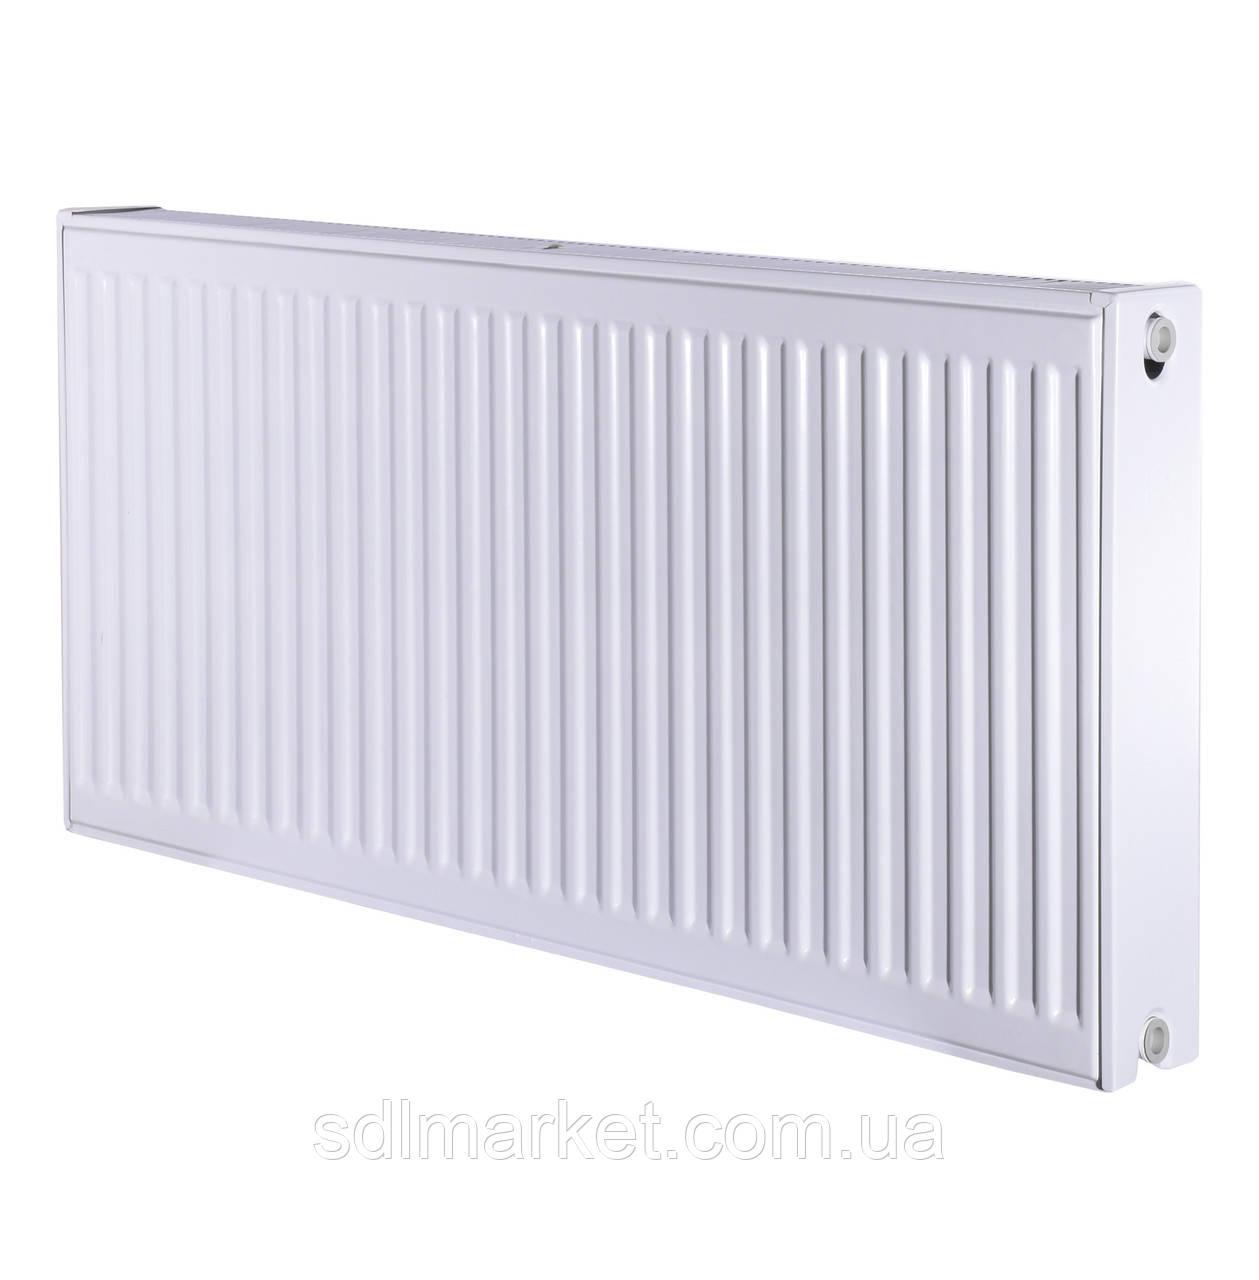 Радиатор стальной панельный FORNELLO 22 бок 500х1400